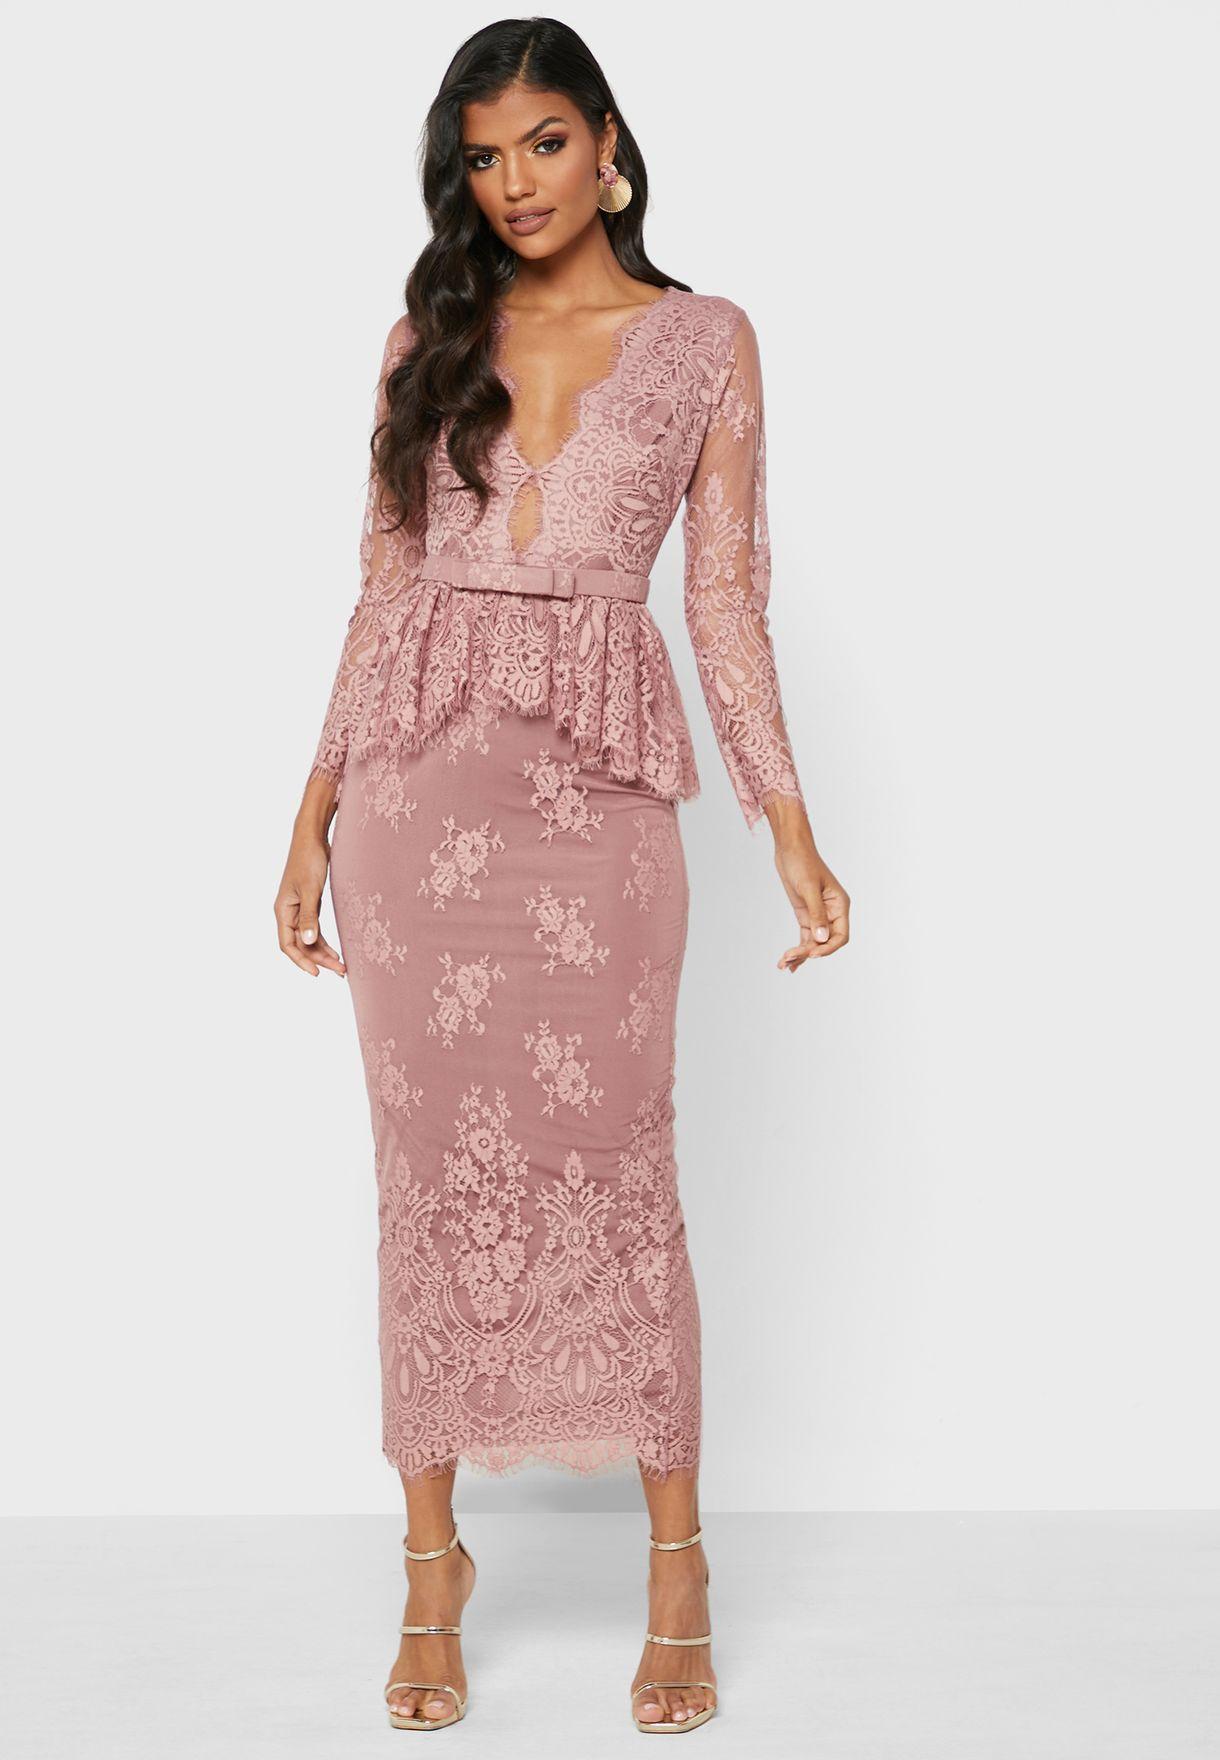 Belted Peplum Dress